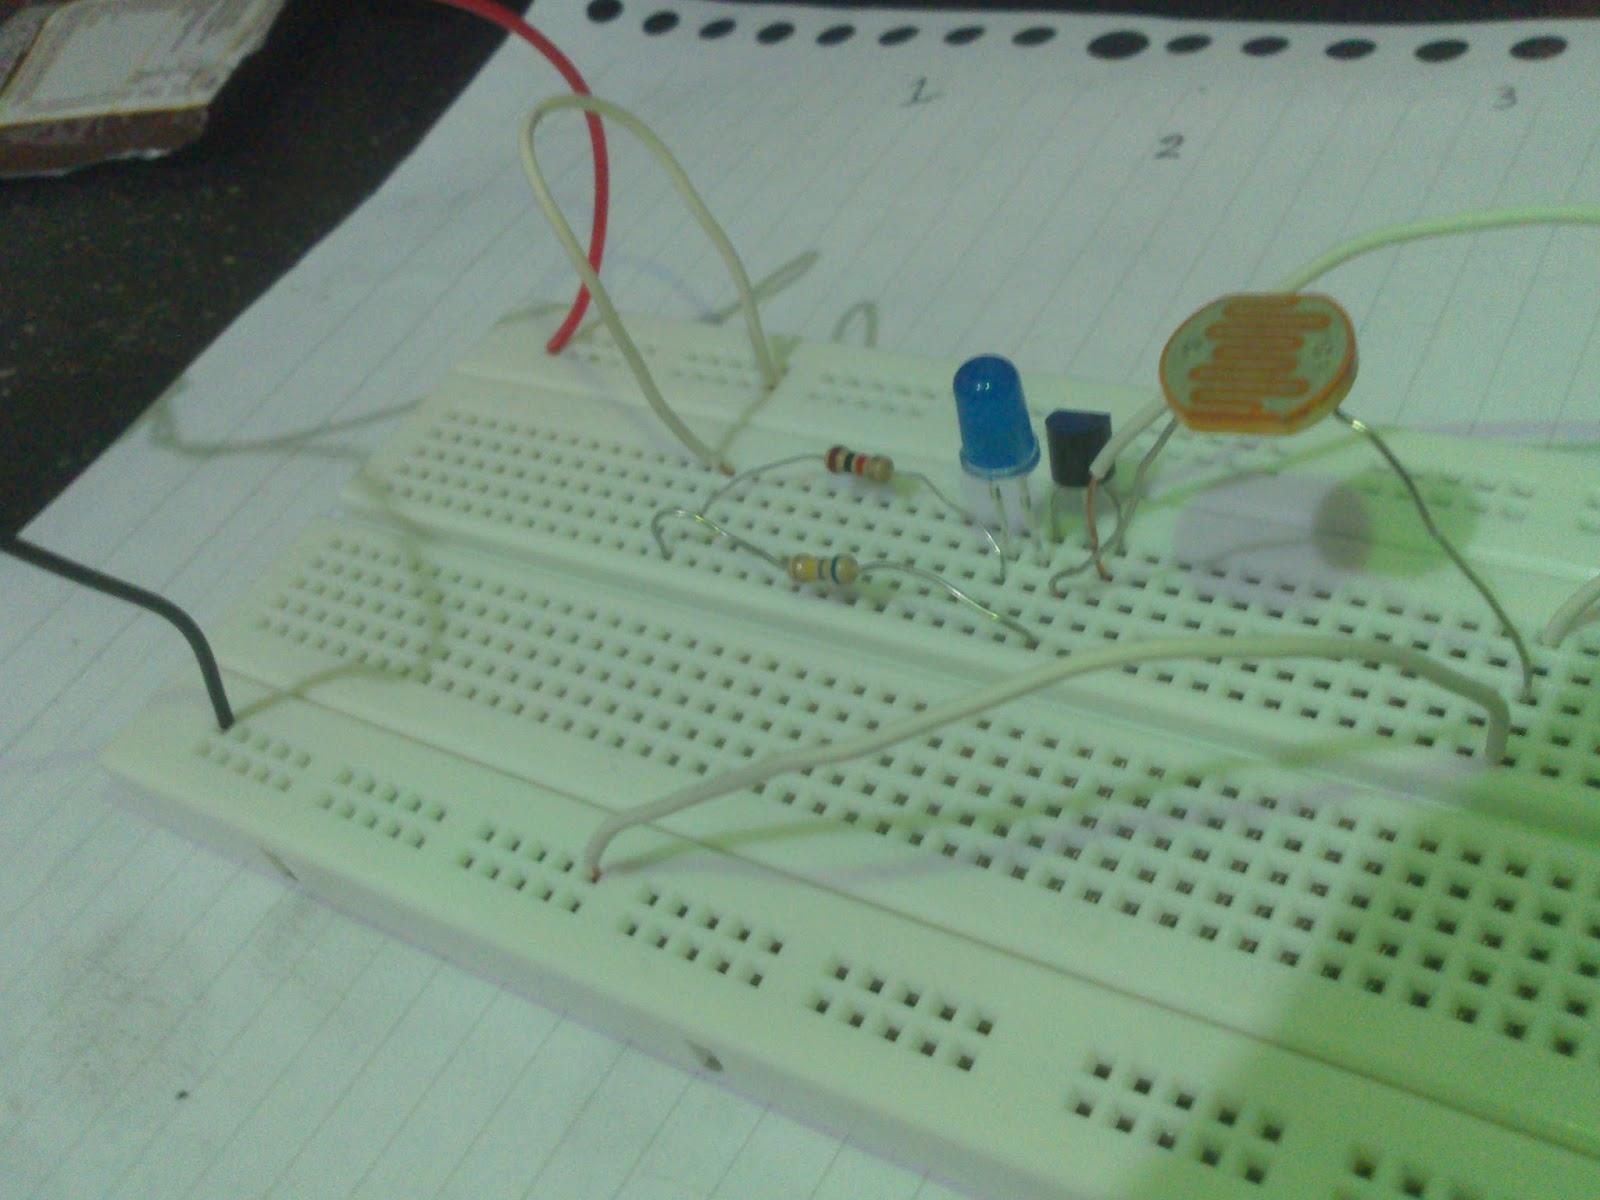 Just Do It Membuat Lampu Otomatis Sederhana Sensor Cahaya Ldr Sekarang Tinggal Dicoba Akan Lebih Terlihat Perbedaannya Pada Malam Hari Saat Dinyalakan Maka Mati Dan Dimatikan